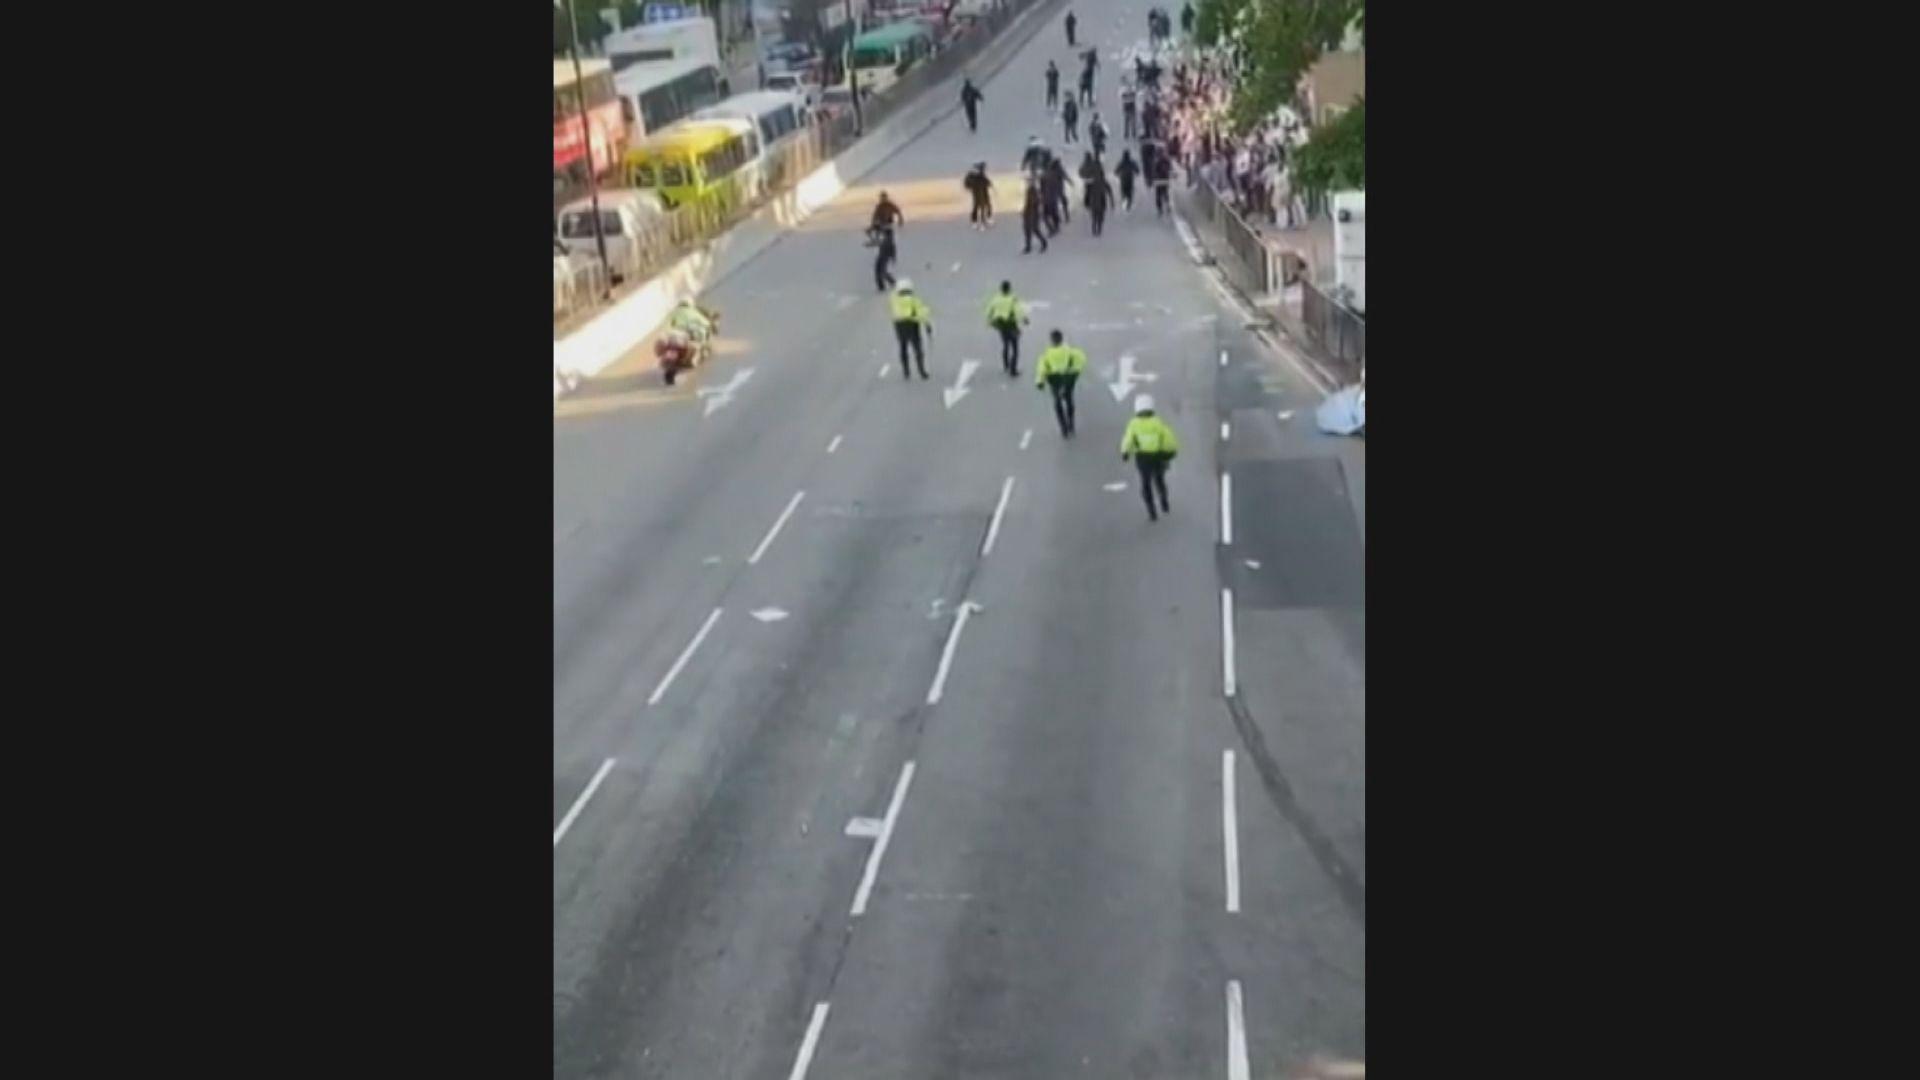 涉駕駛電單車衝向人群的警員正放取病假